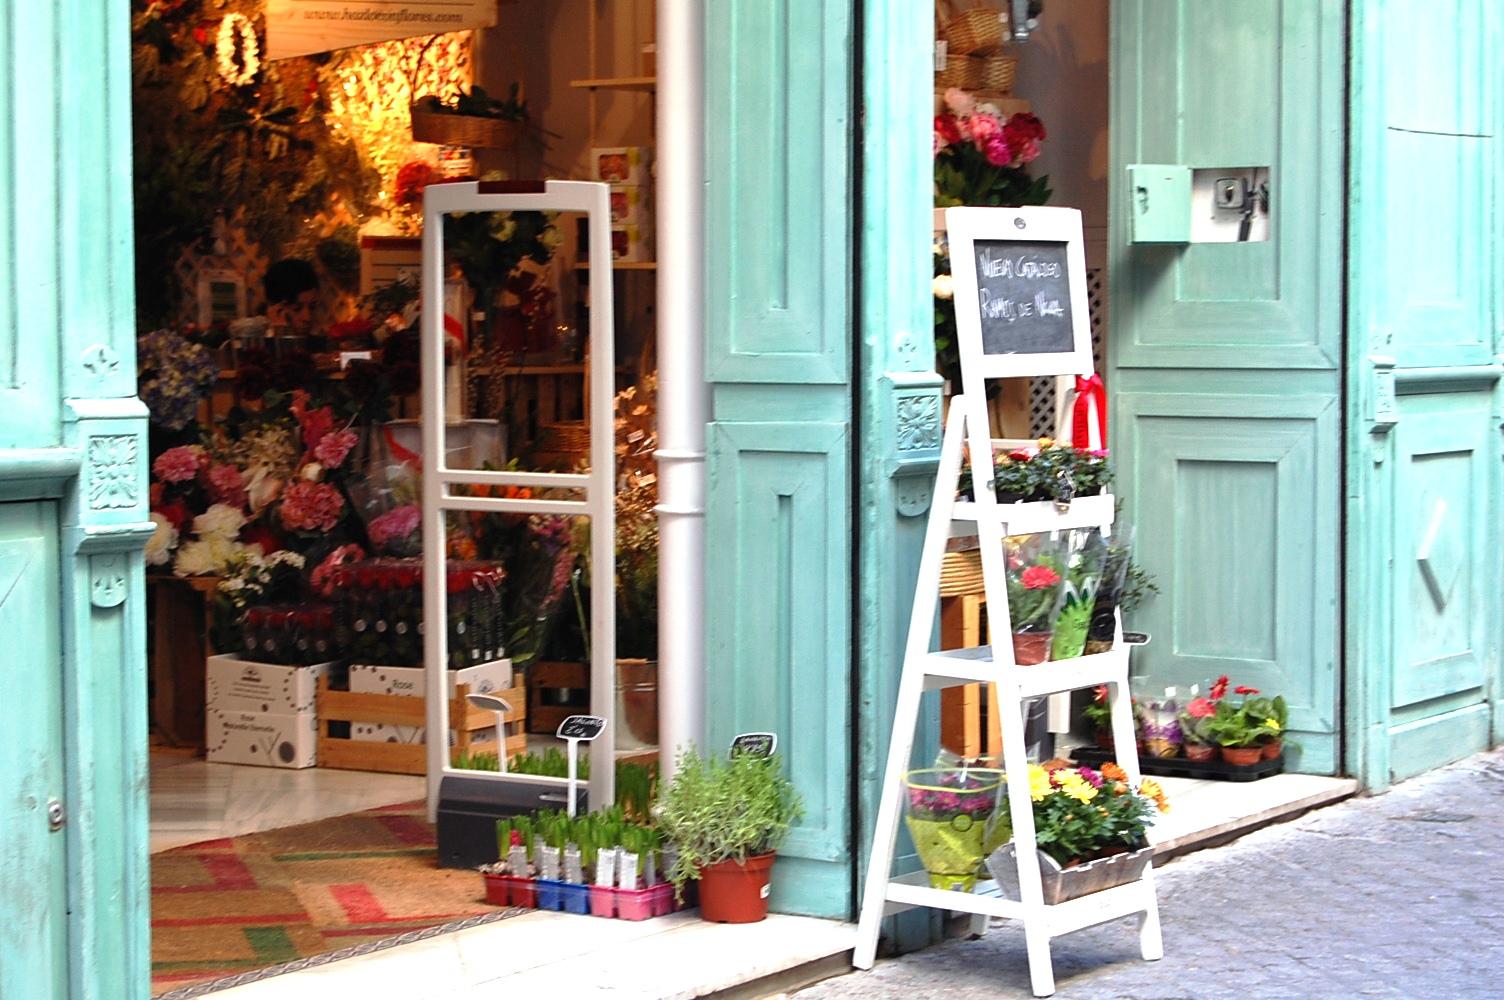 Tiendas de decoracin en sevilla best tienda arj en pasaje andreu with tiendas de decoracin en - Hogar decoracion sevilla ...